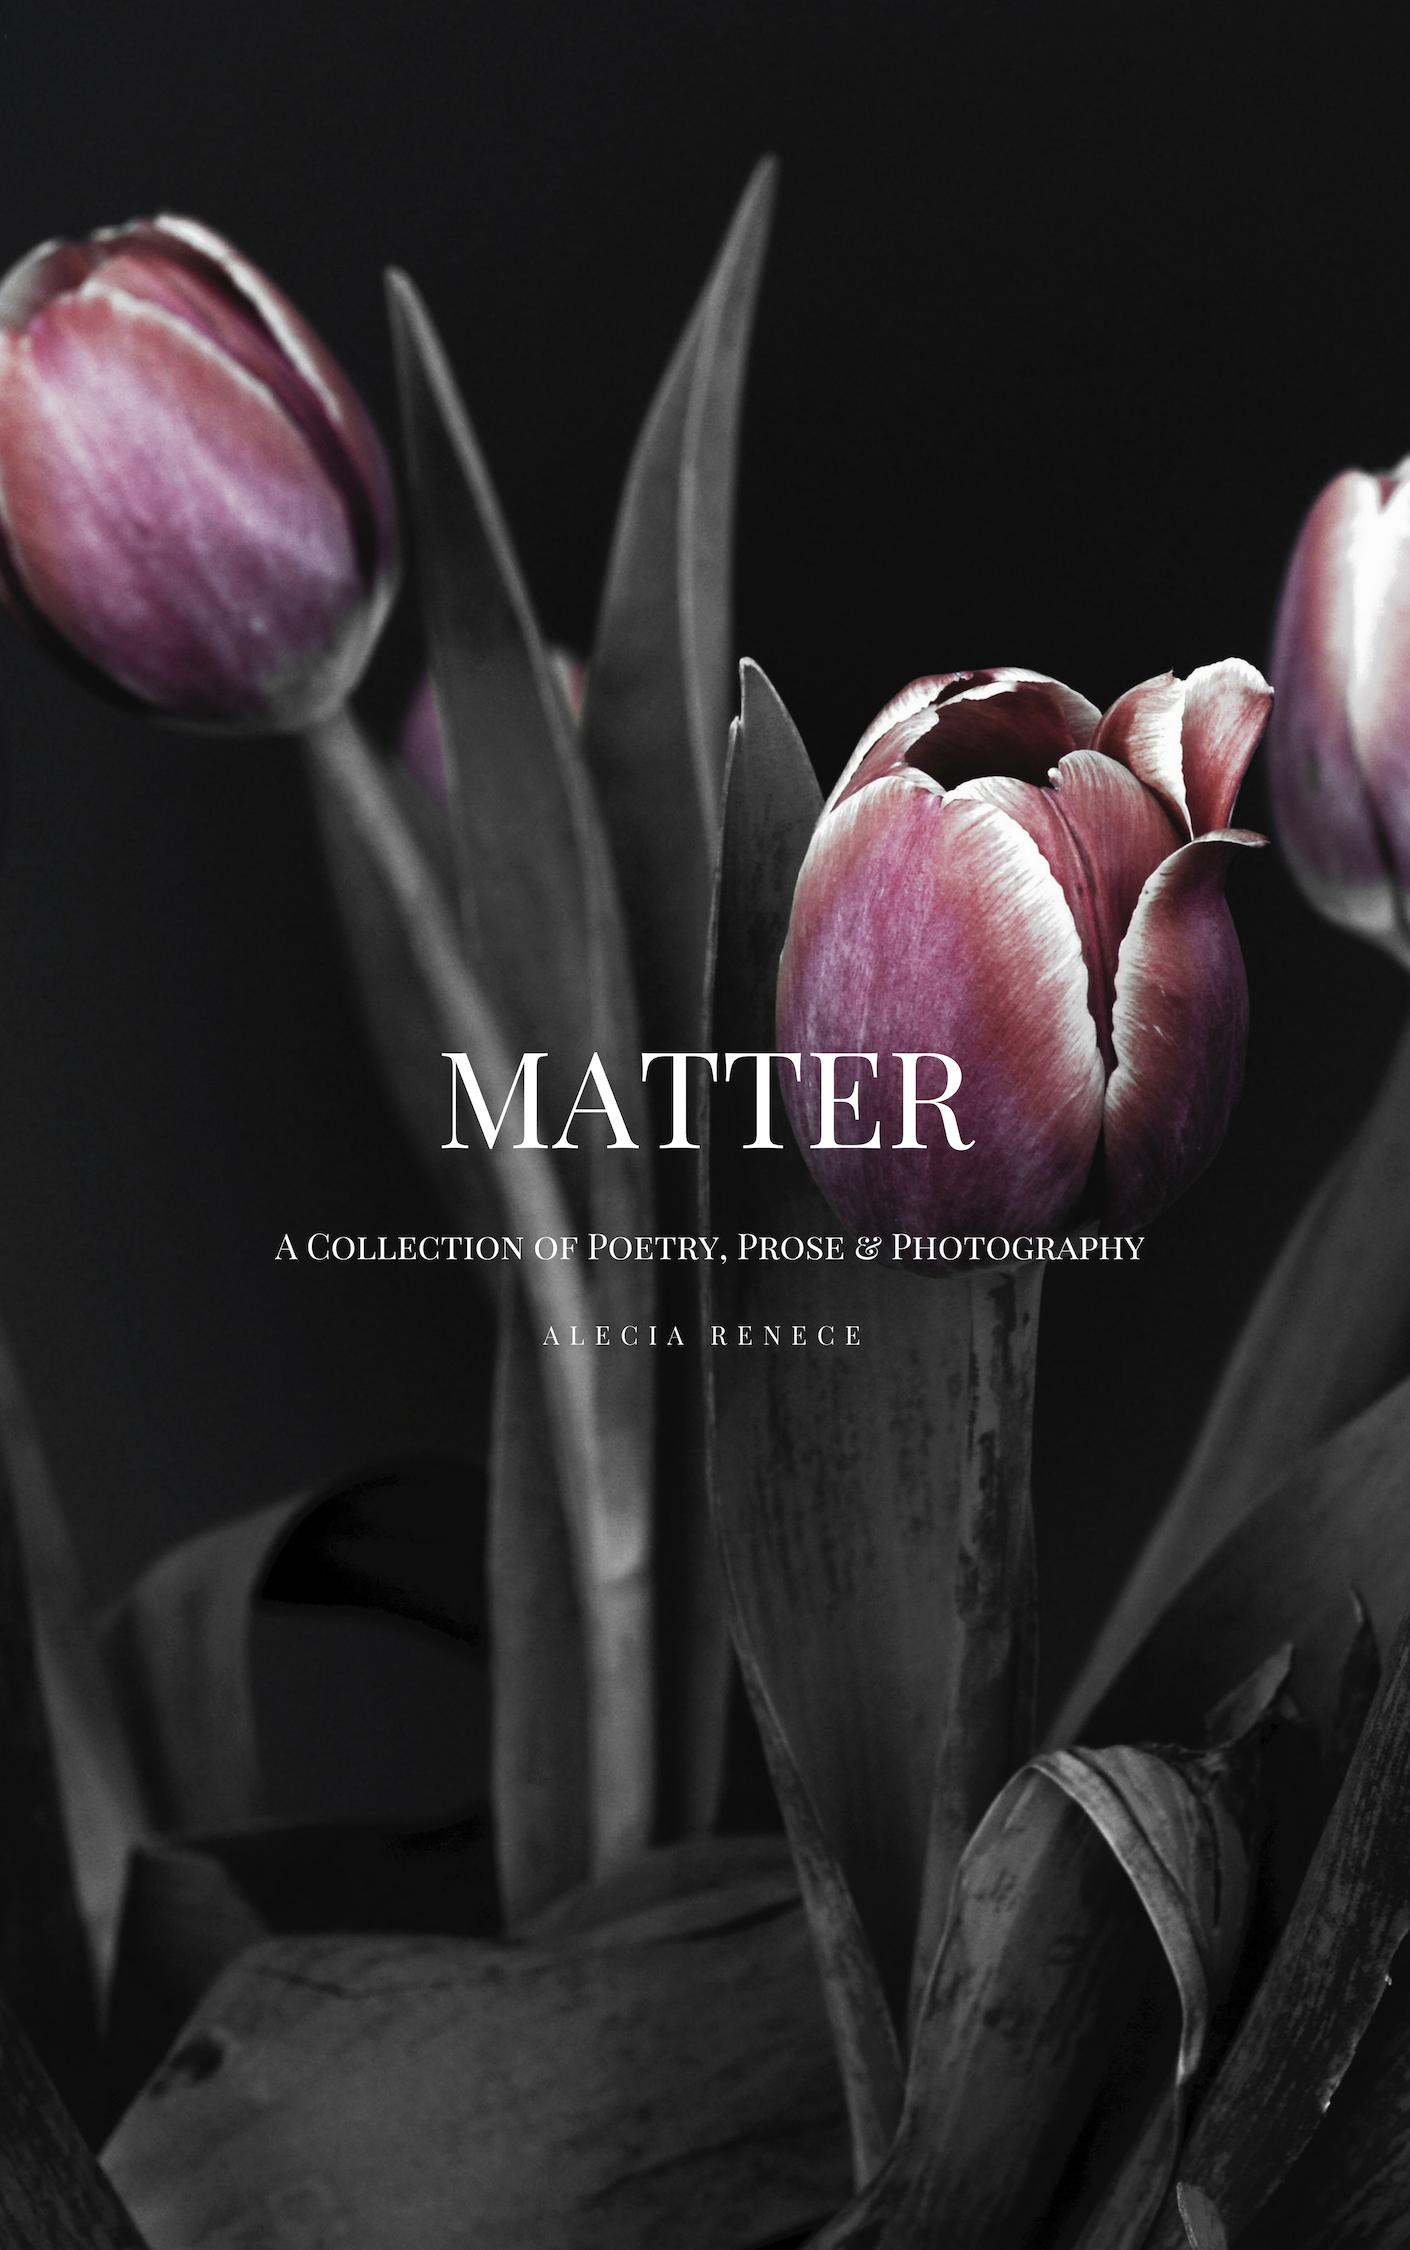 e-book matter 4.jpg